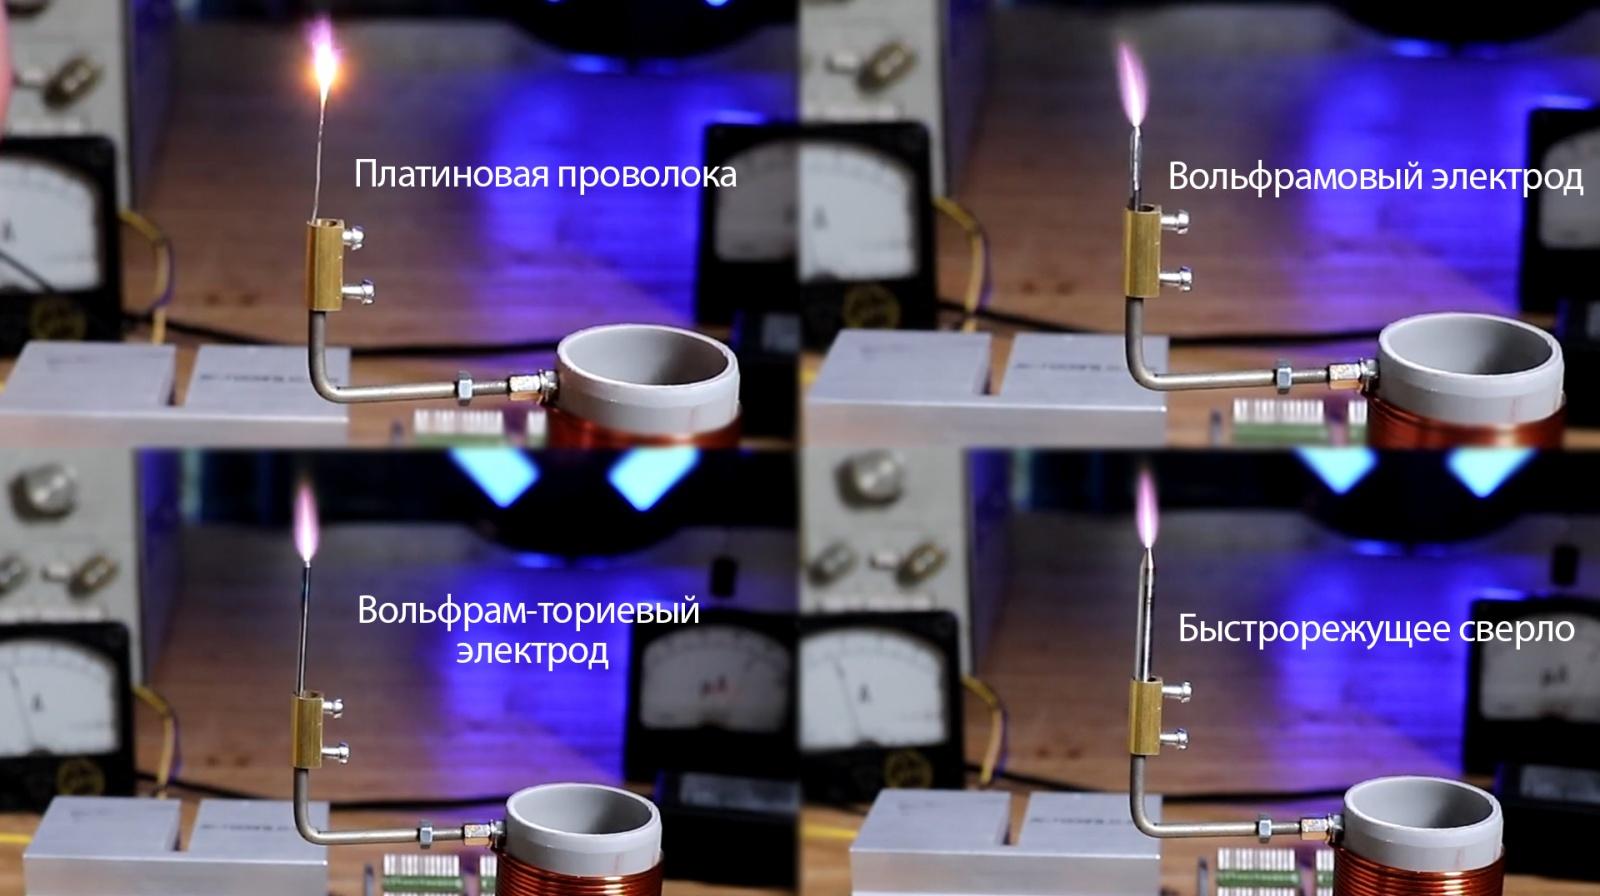 Какое пламя горячей? ФАКЕЛЬНИК - 22